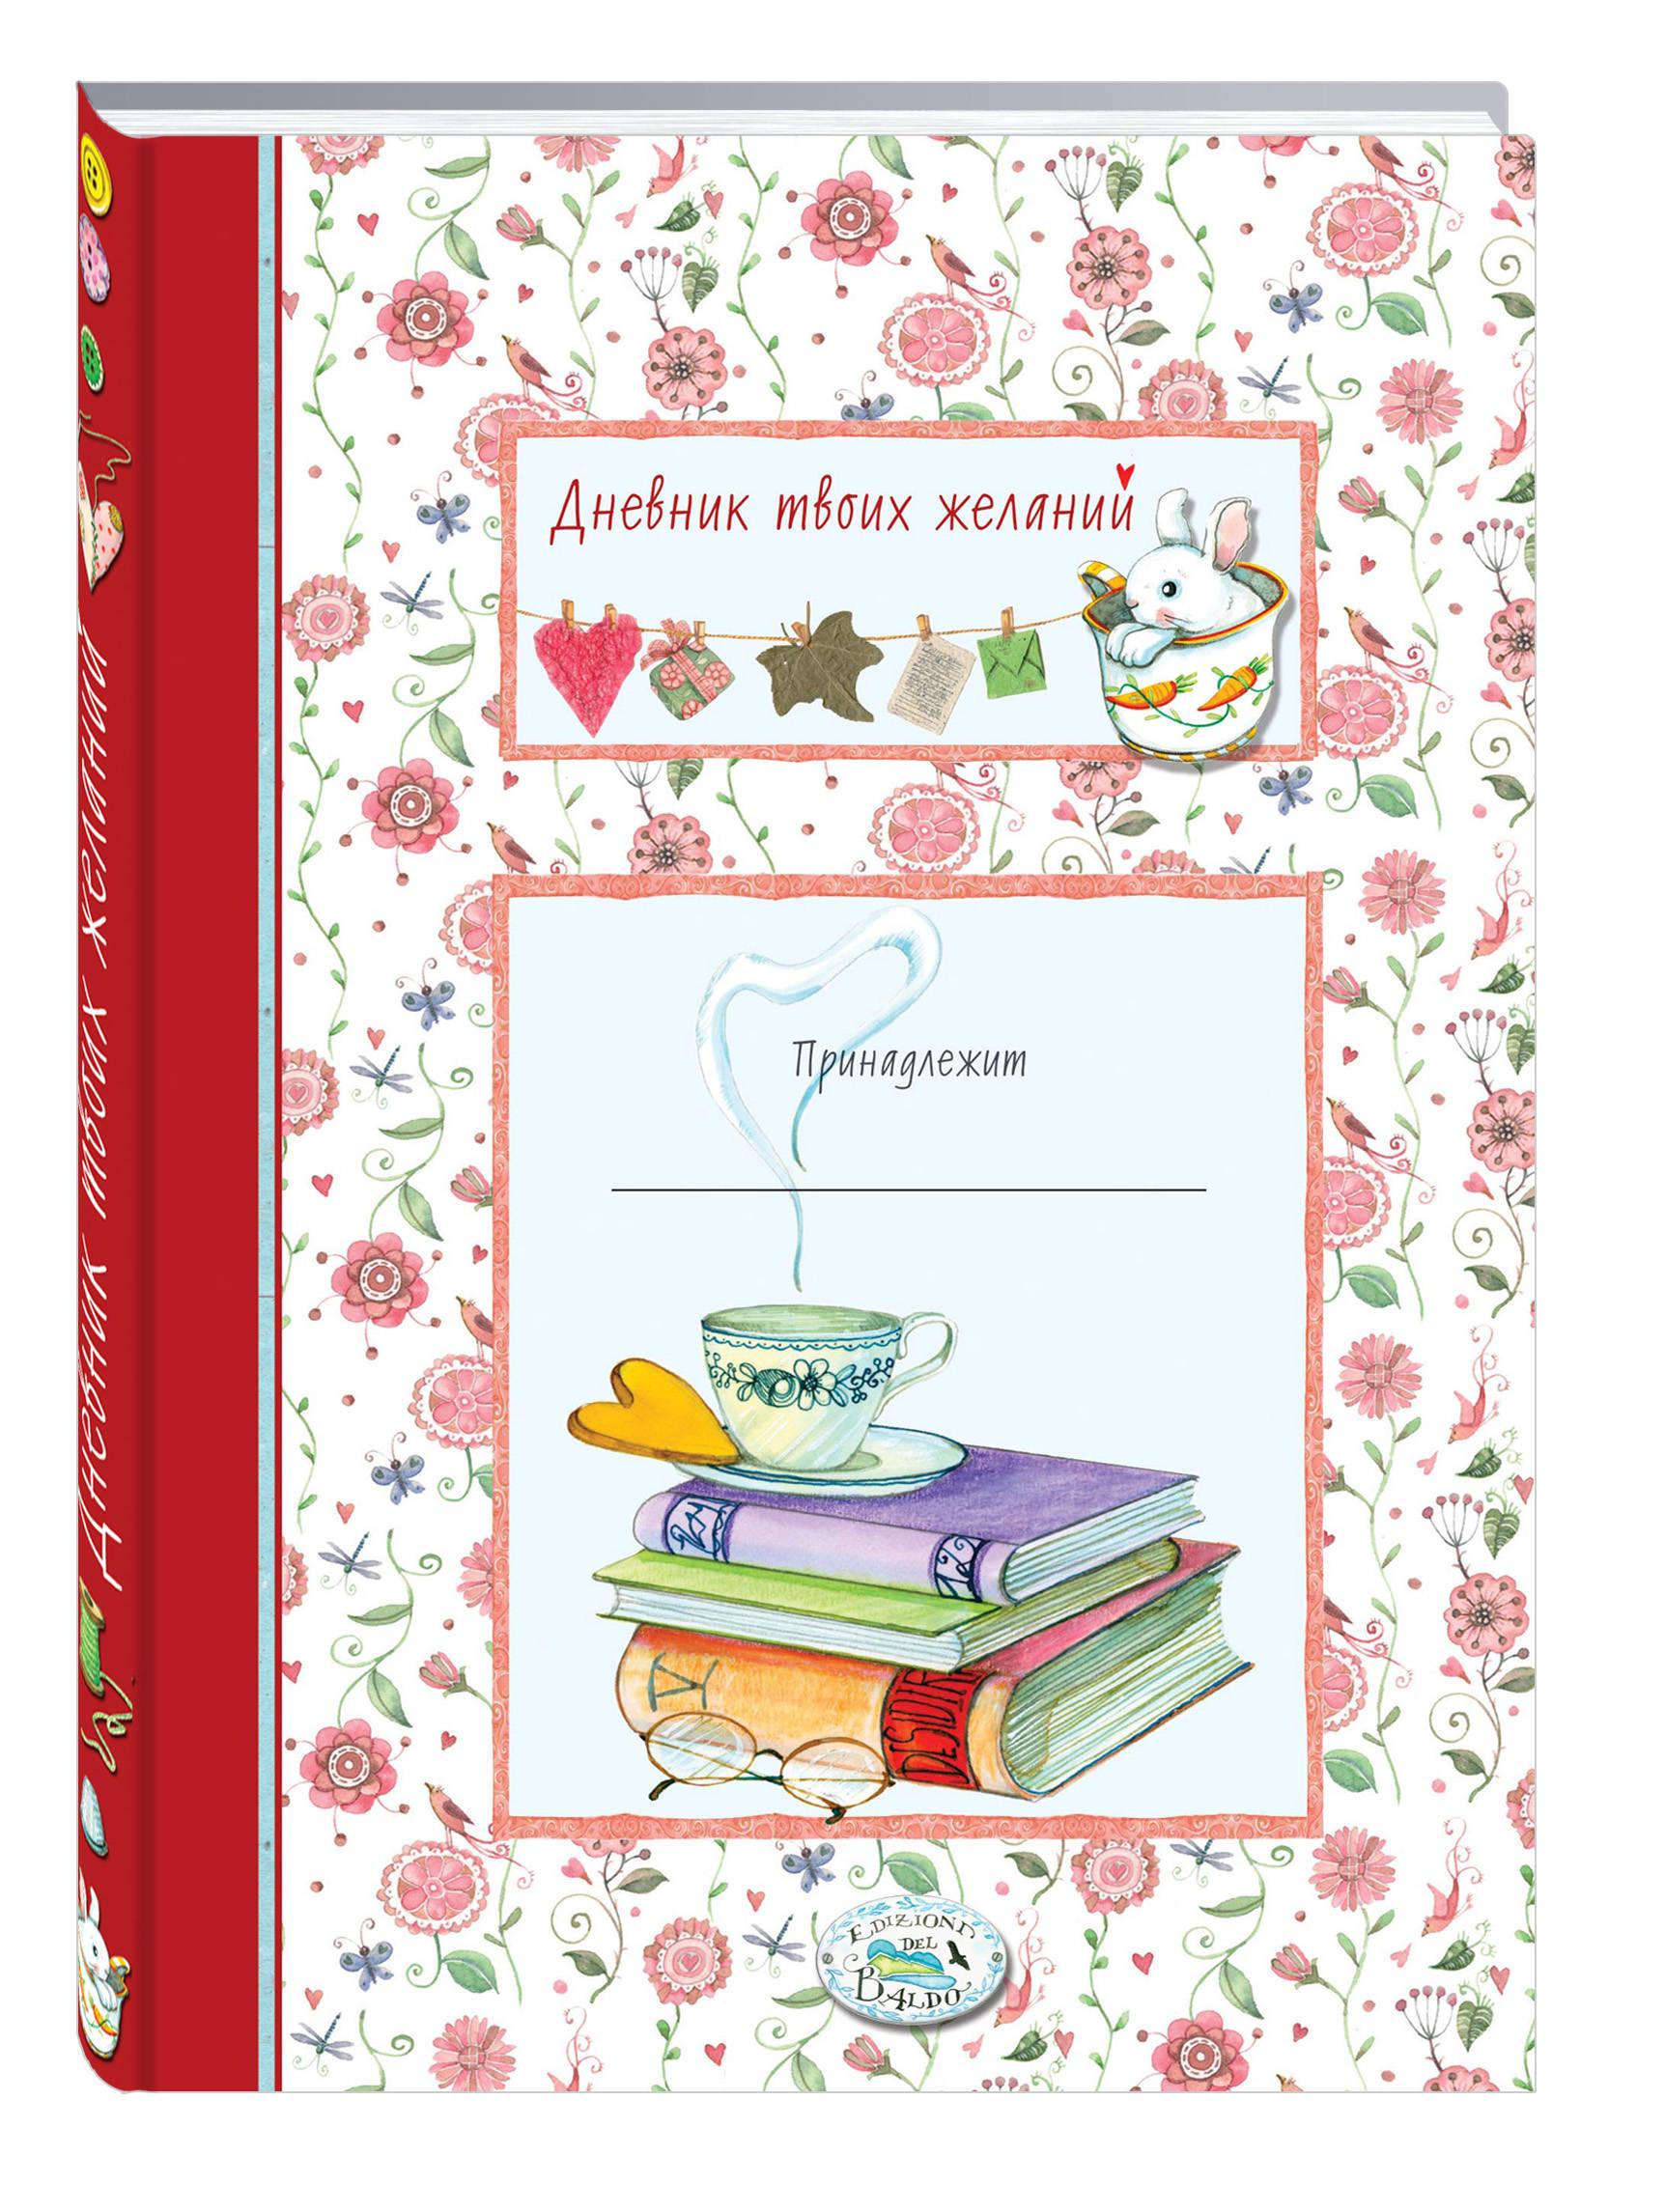 Дневник твоих желаний. Книги gelish гель лак лепестки твоих желаний